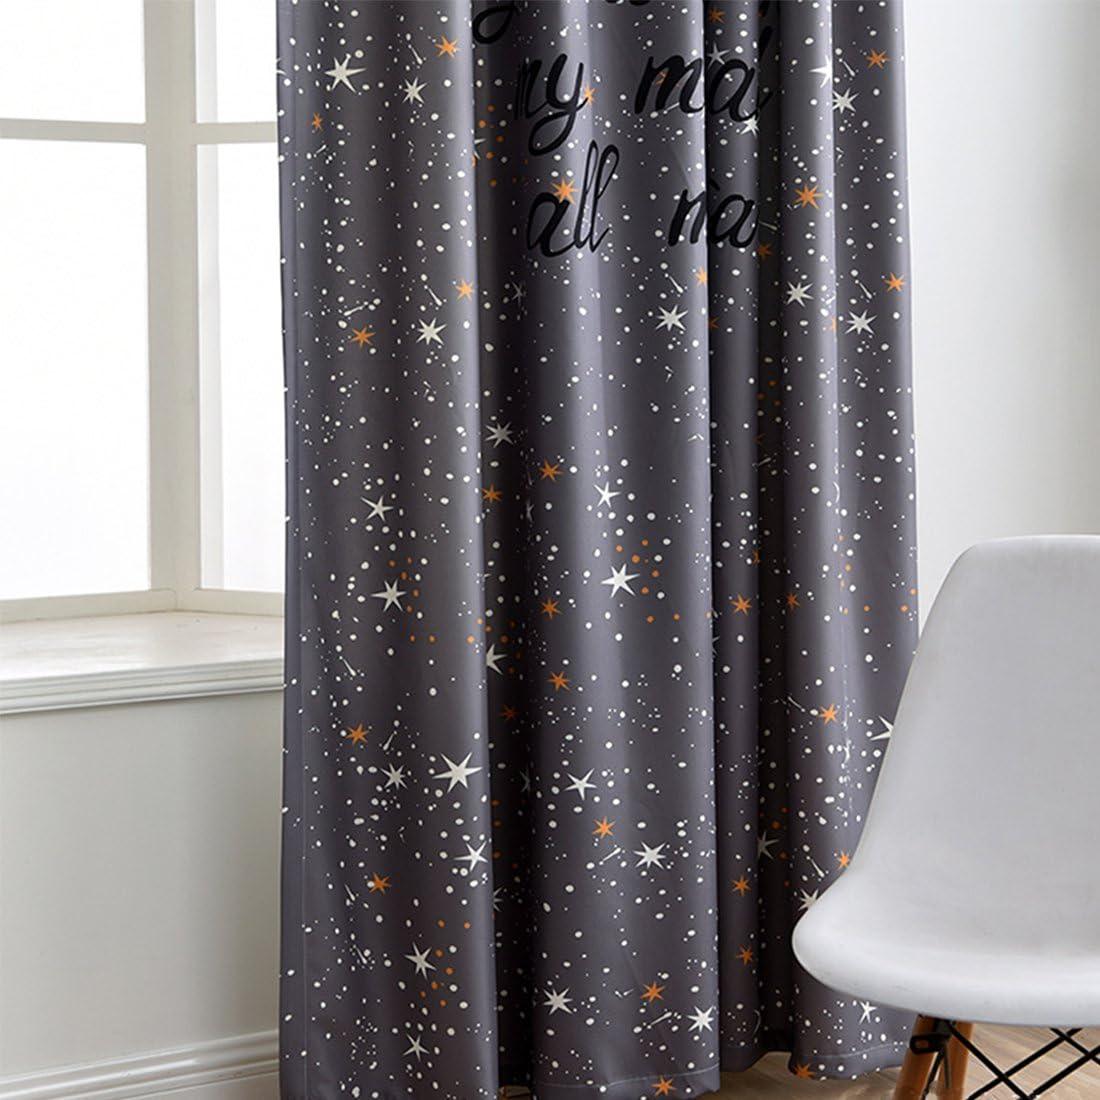 dise/ño de estrella dormitorio cortina decorativa para sal/ón Gwell Cortinas para habitaci/ón infantil St/ück x1 Bufanda derecha. HxB 1 unidad 225x140